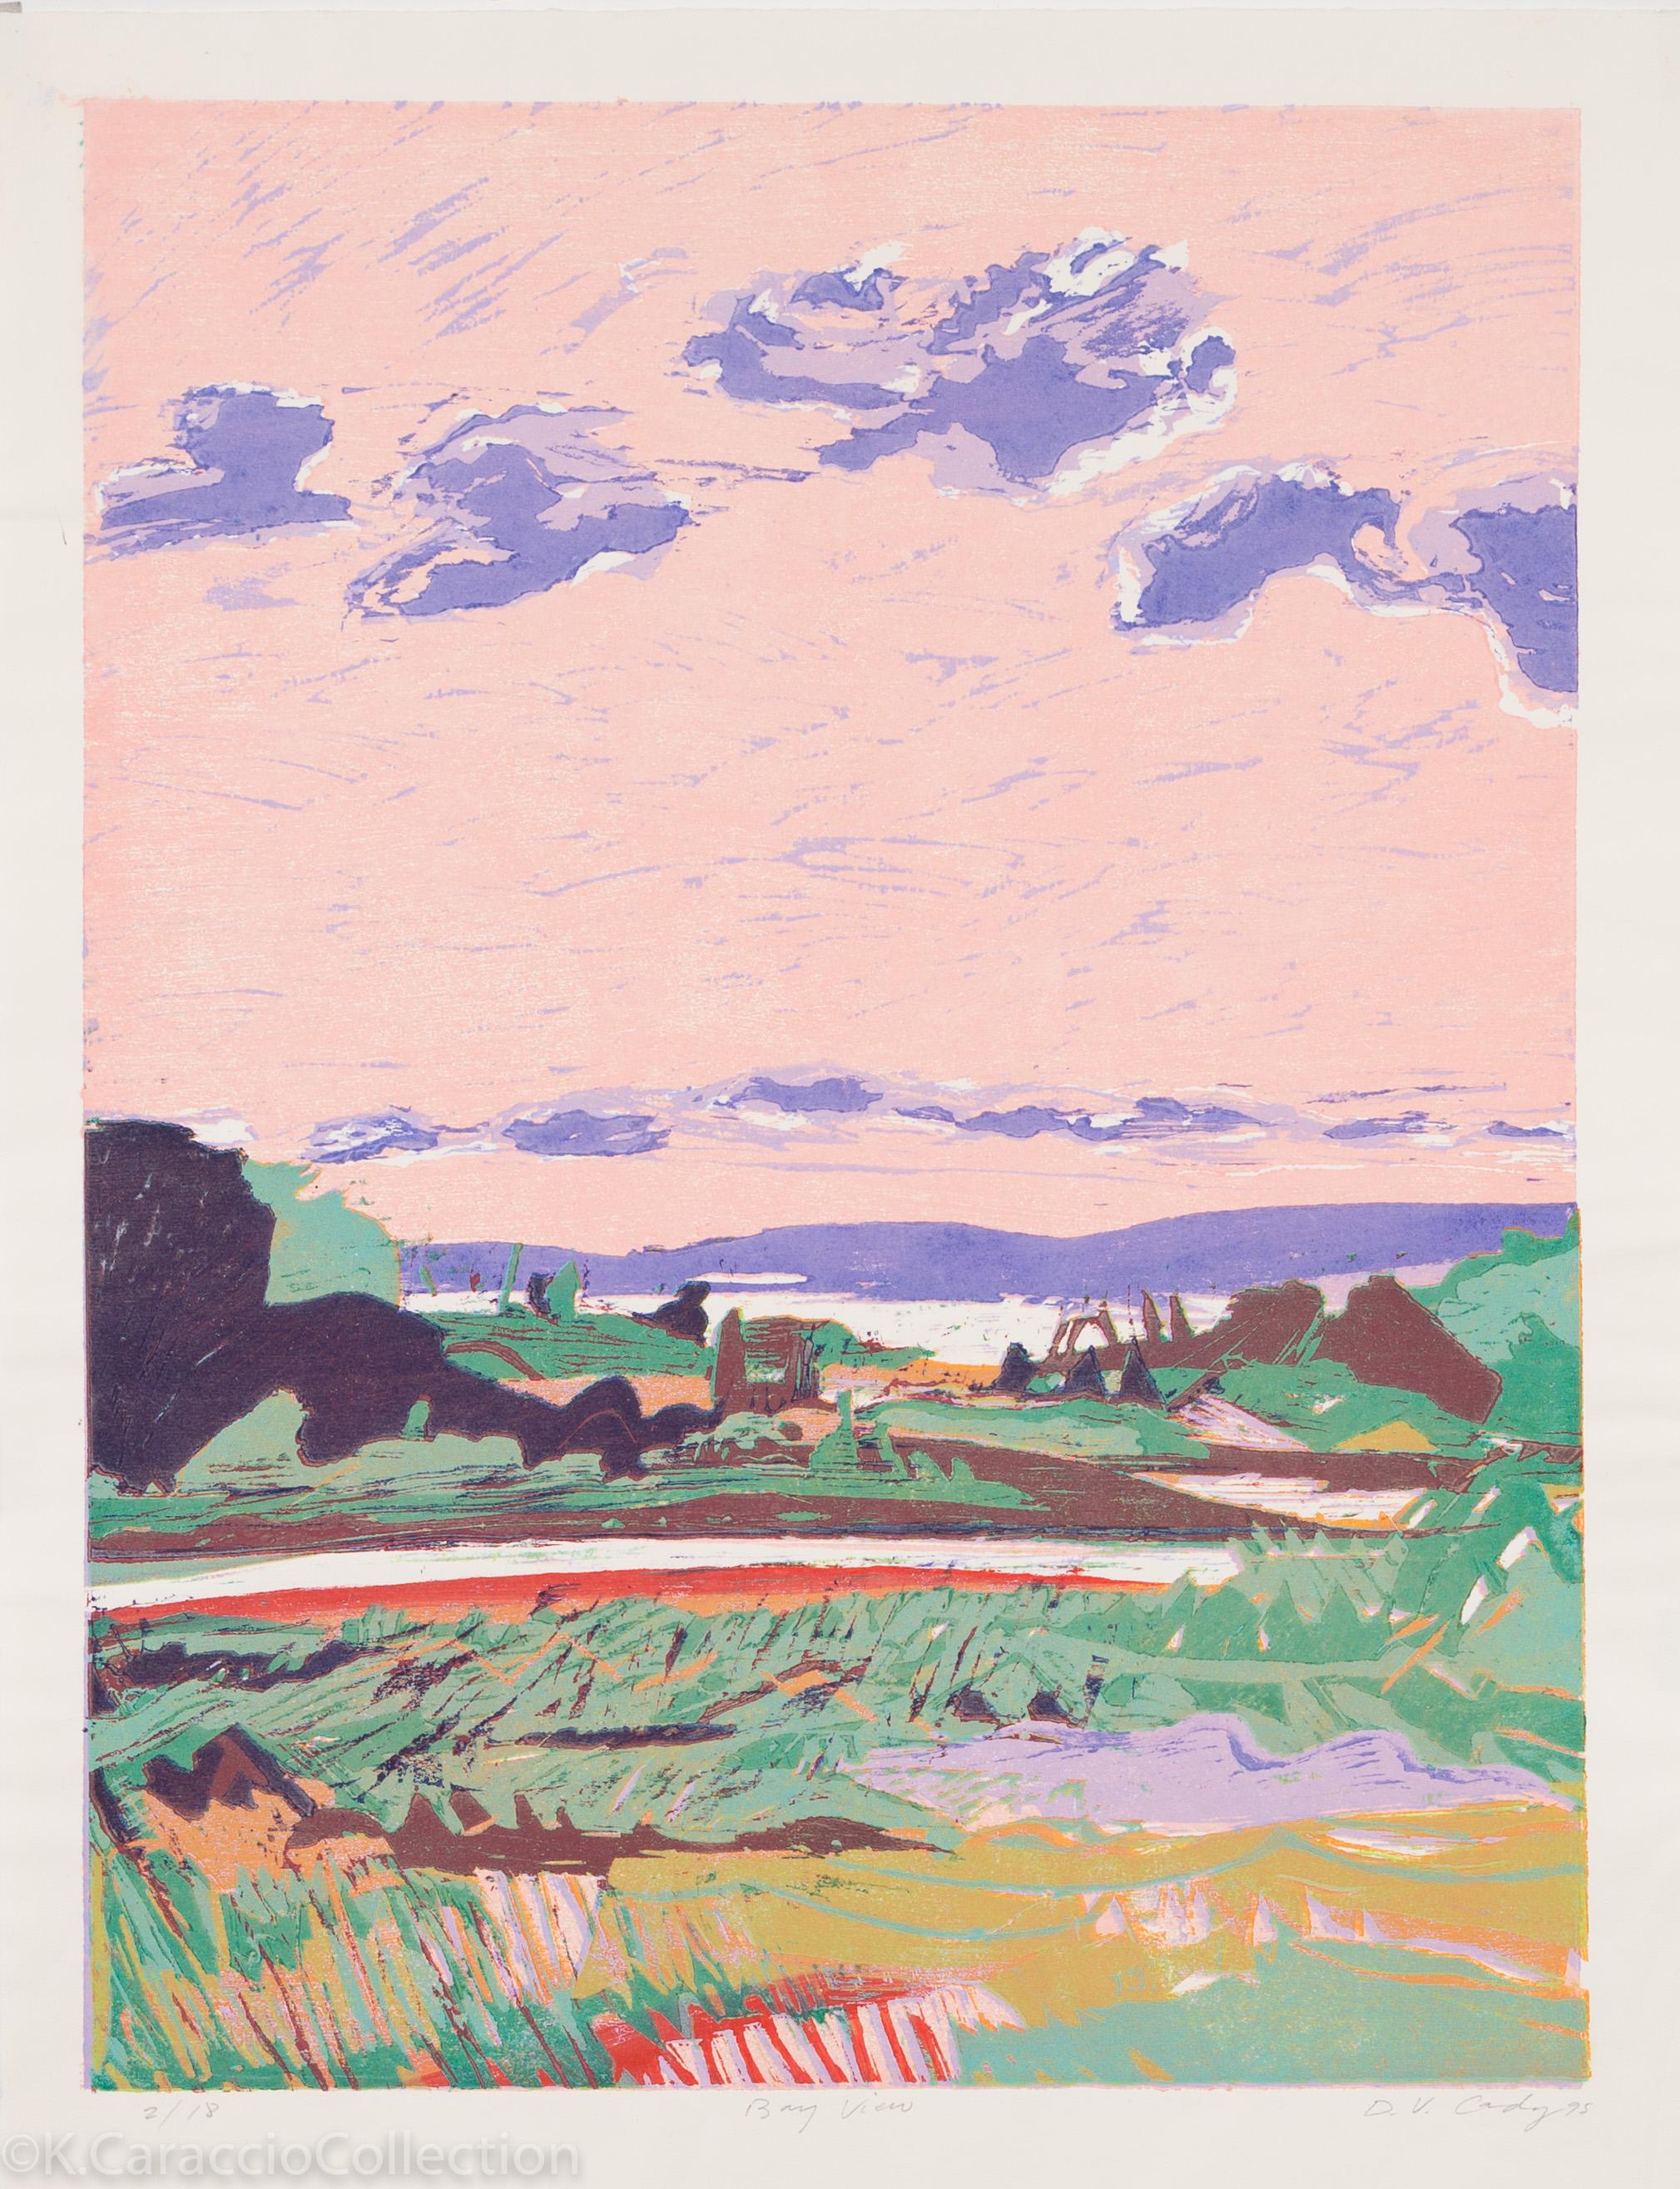 Bay View, 1995